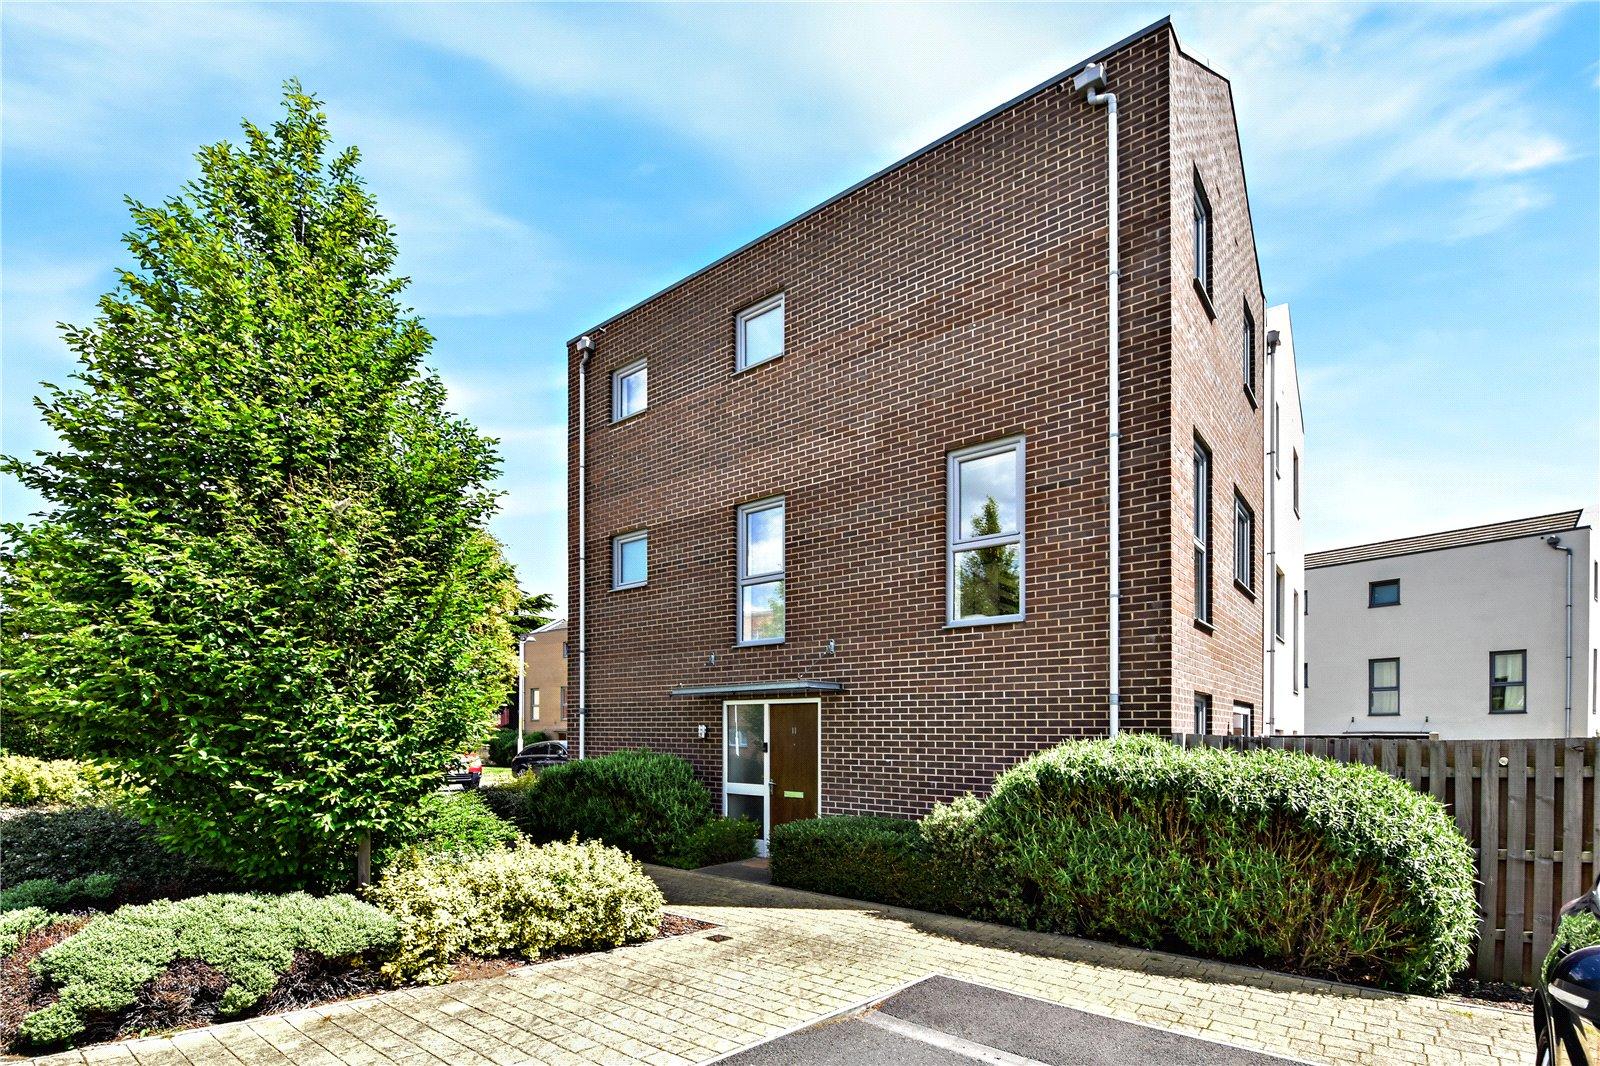 Shiers Avenue, Dartford, Kent, DA1